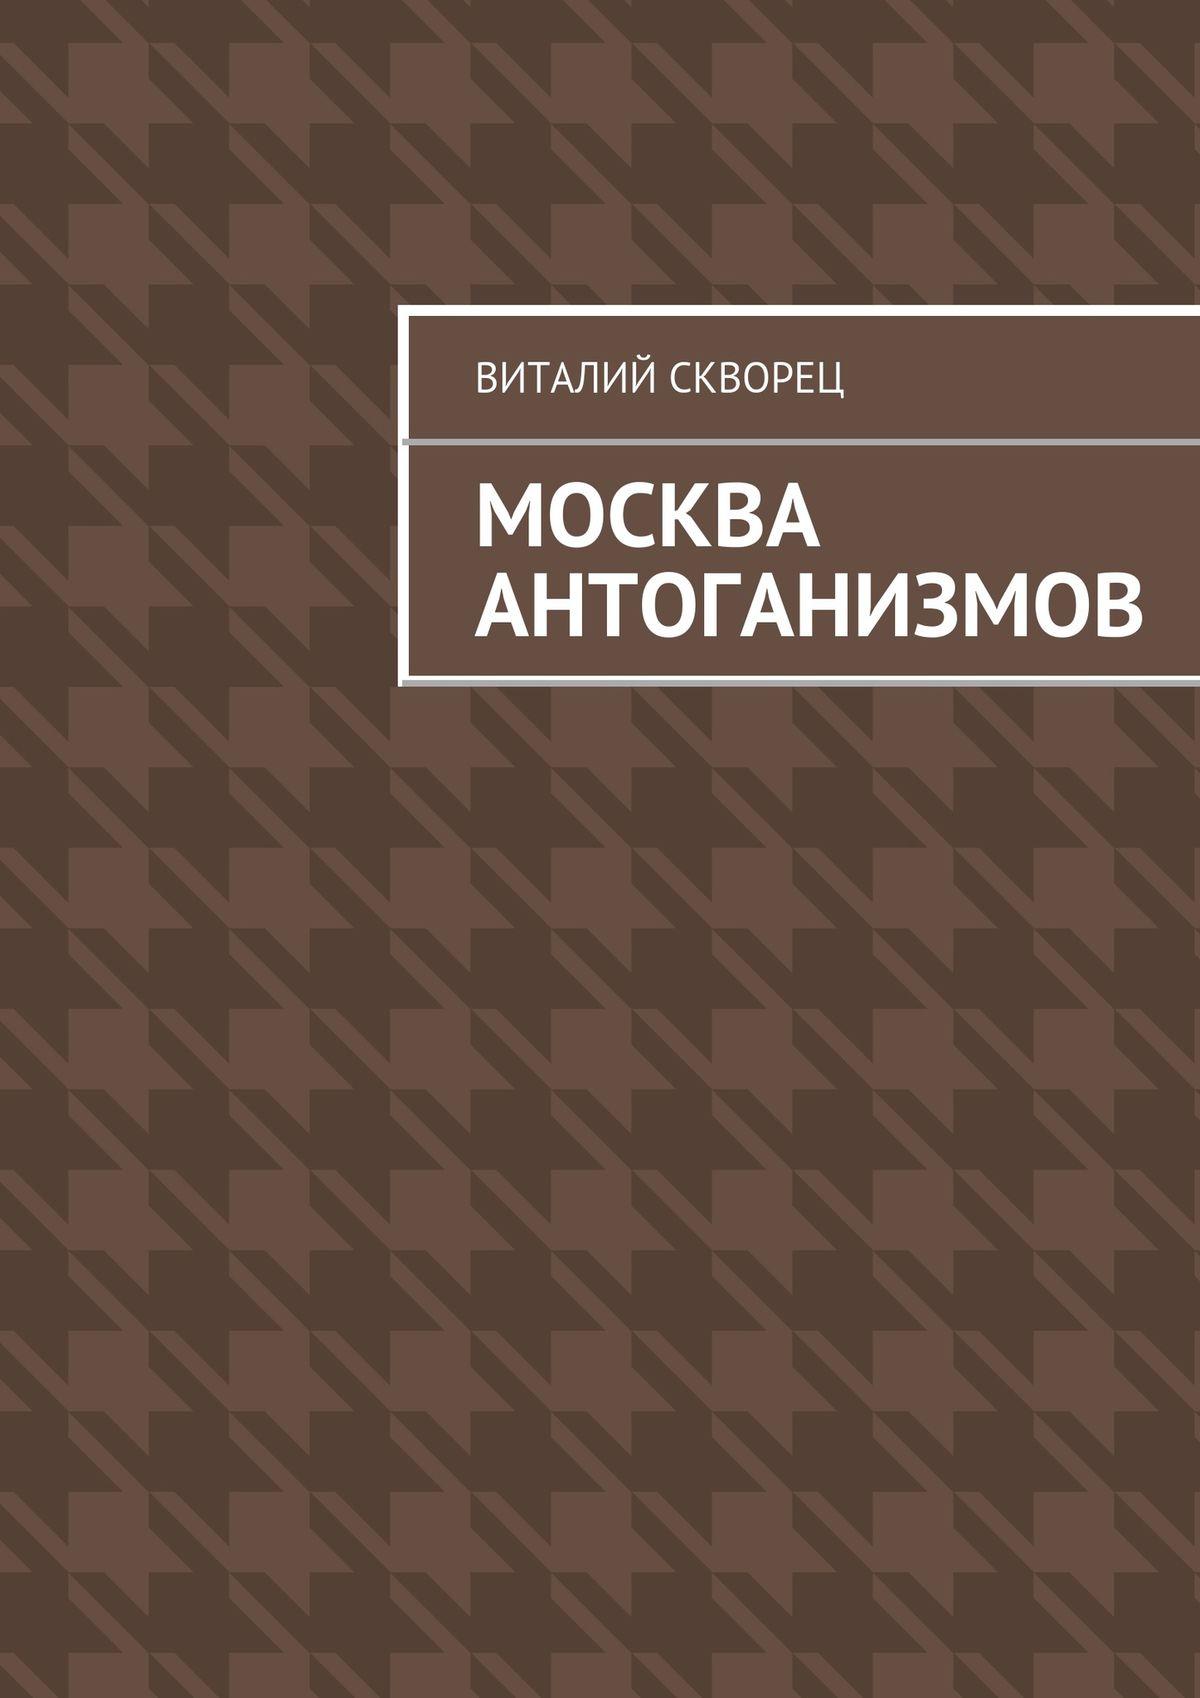 цена на Виталий Скворец Москва антоганизмов